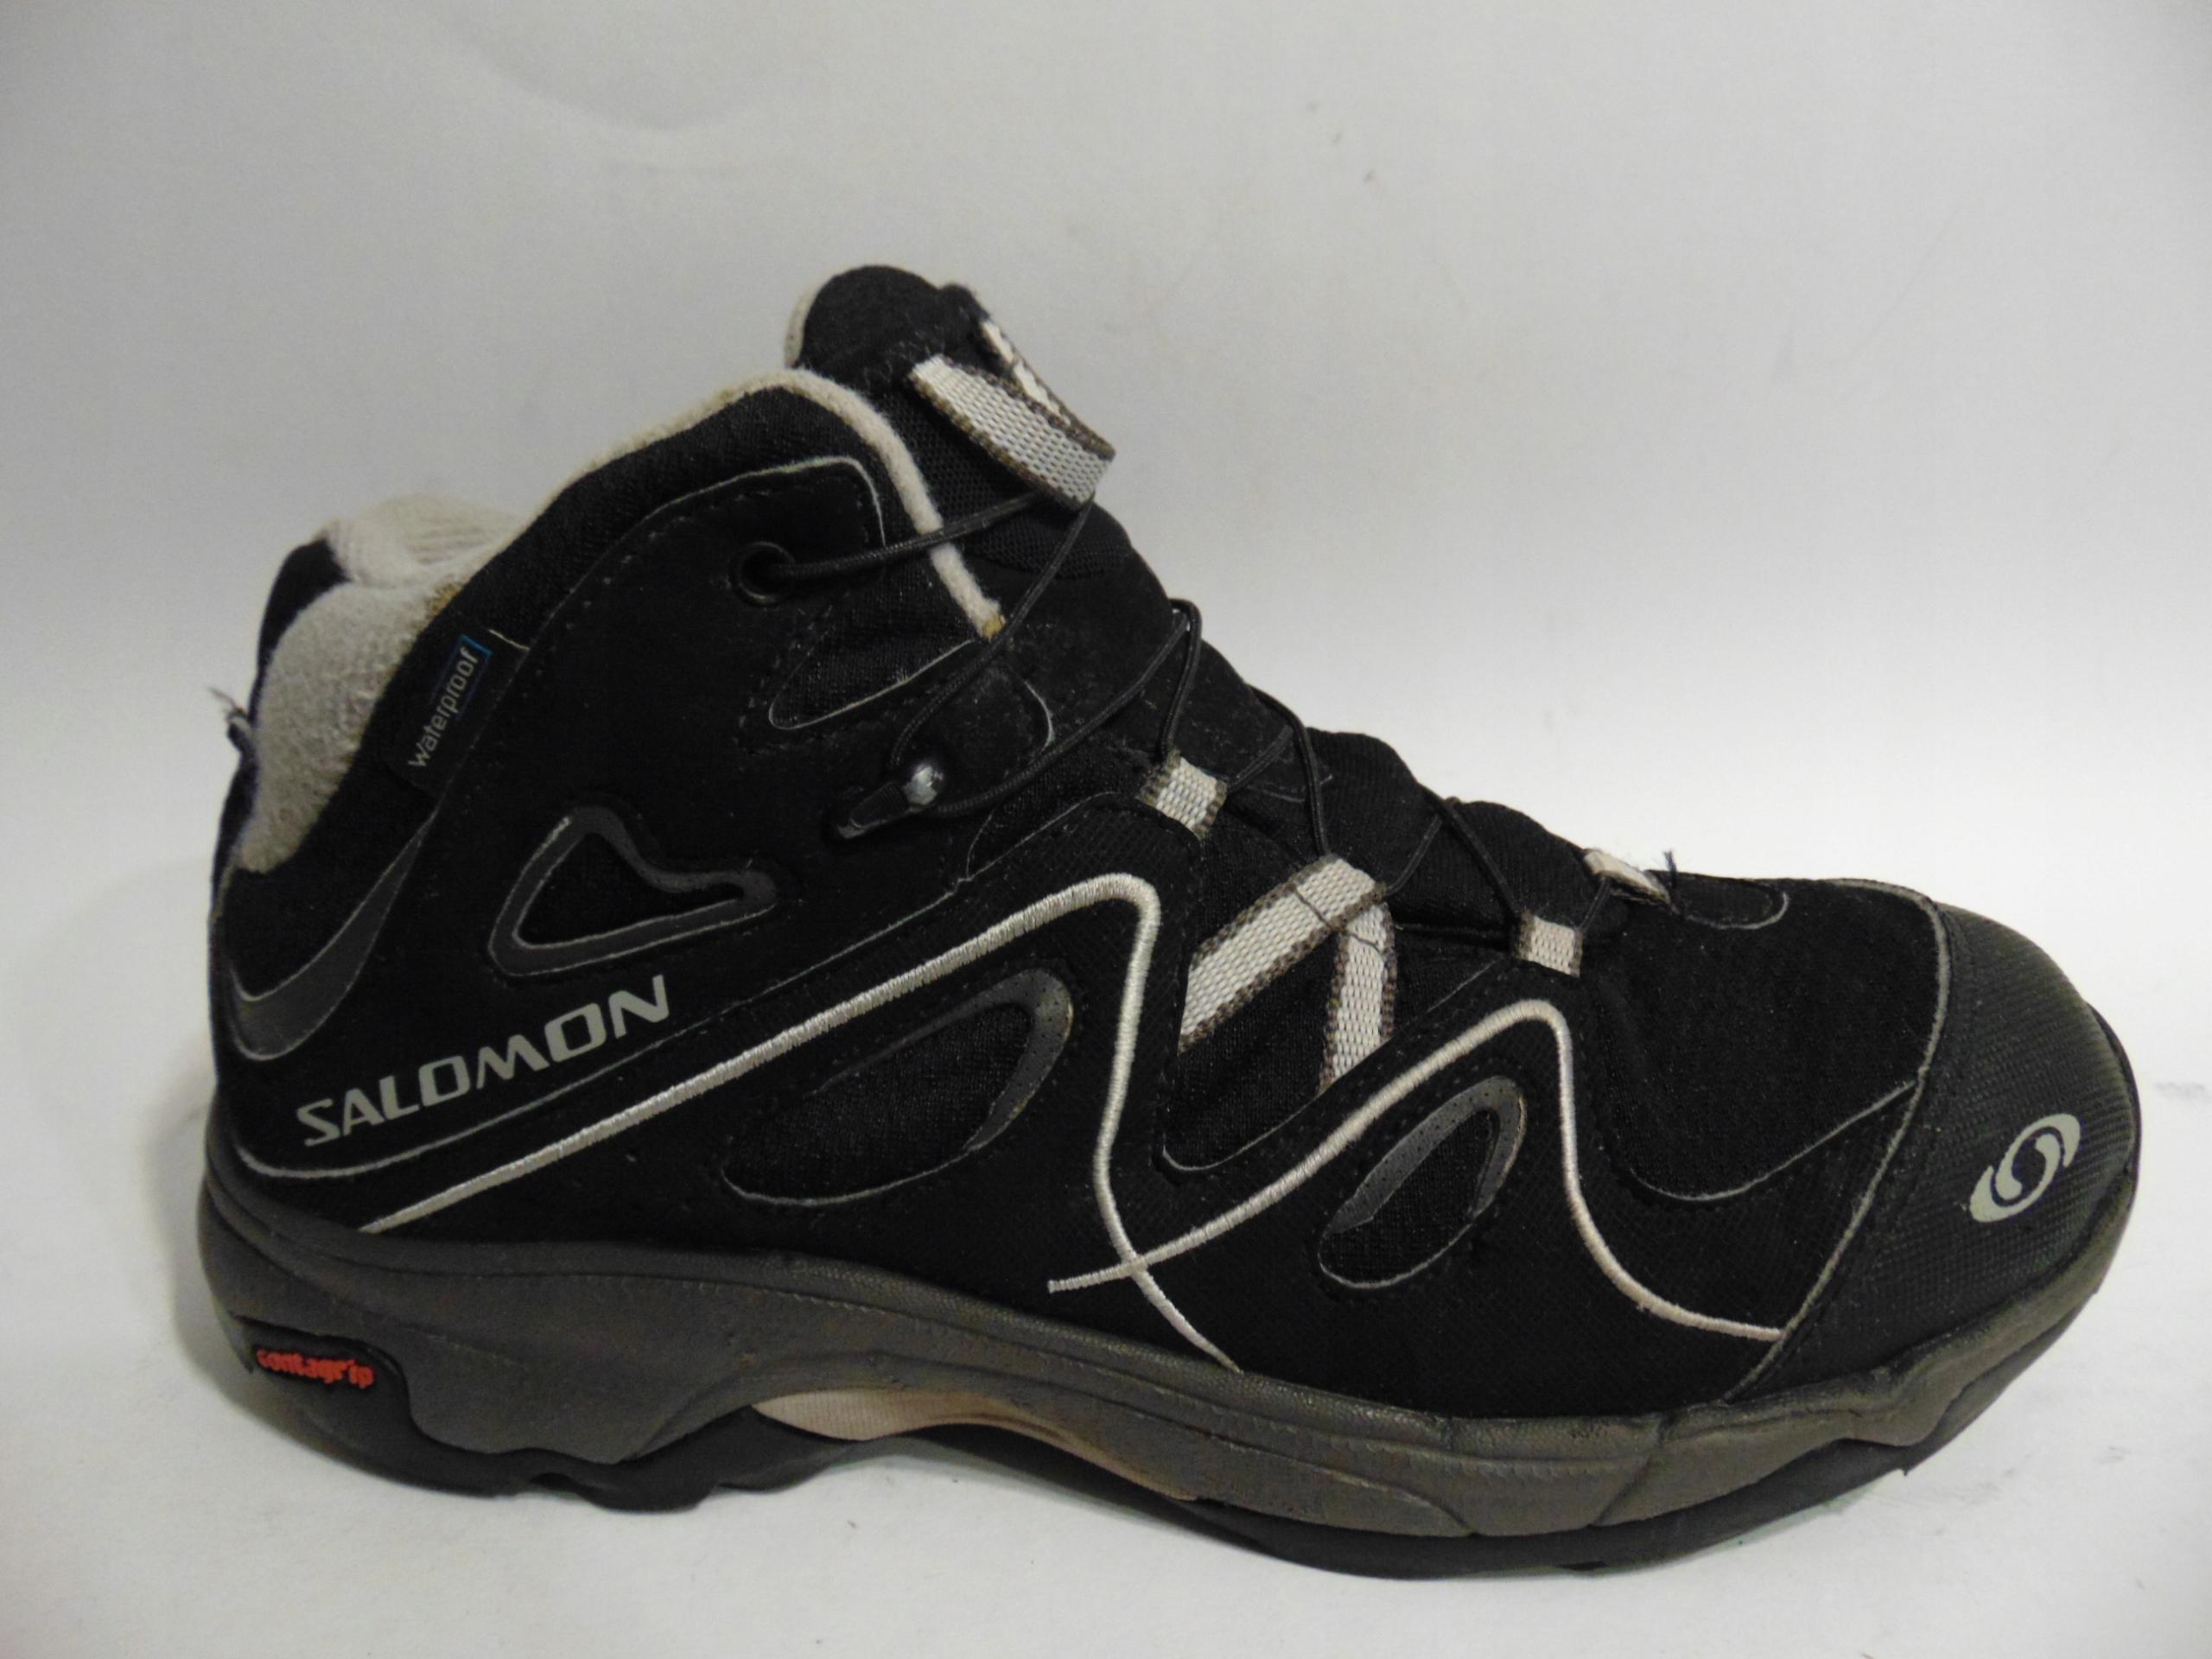 SALOMON 643001 PRZEWIEWNE SIATKI CONTAGRIP R.46